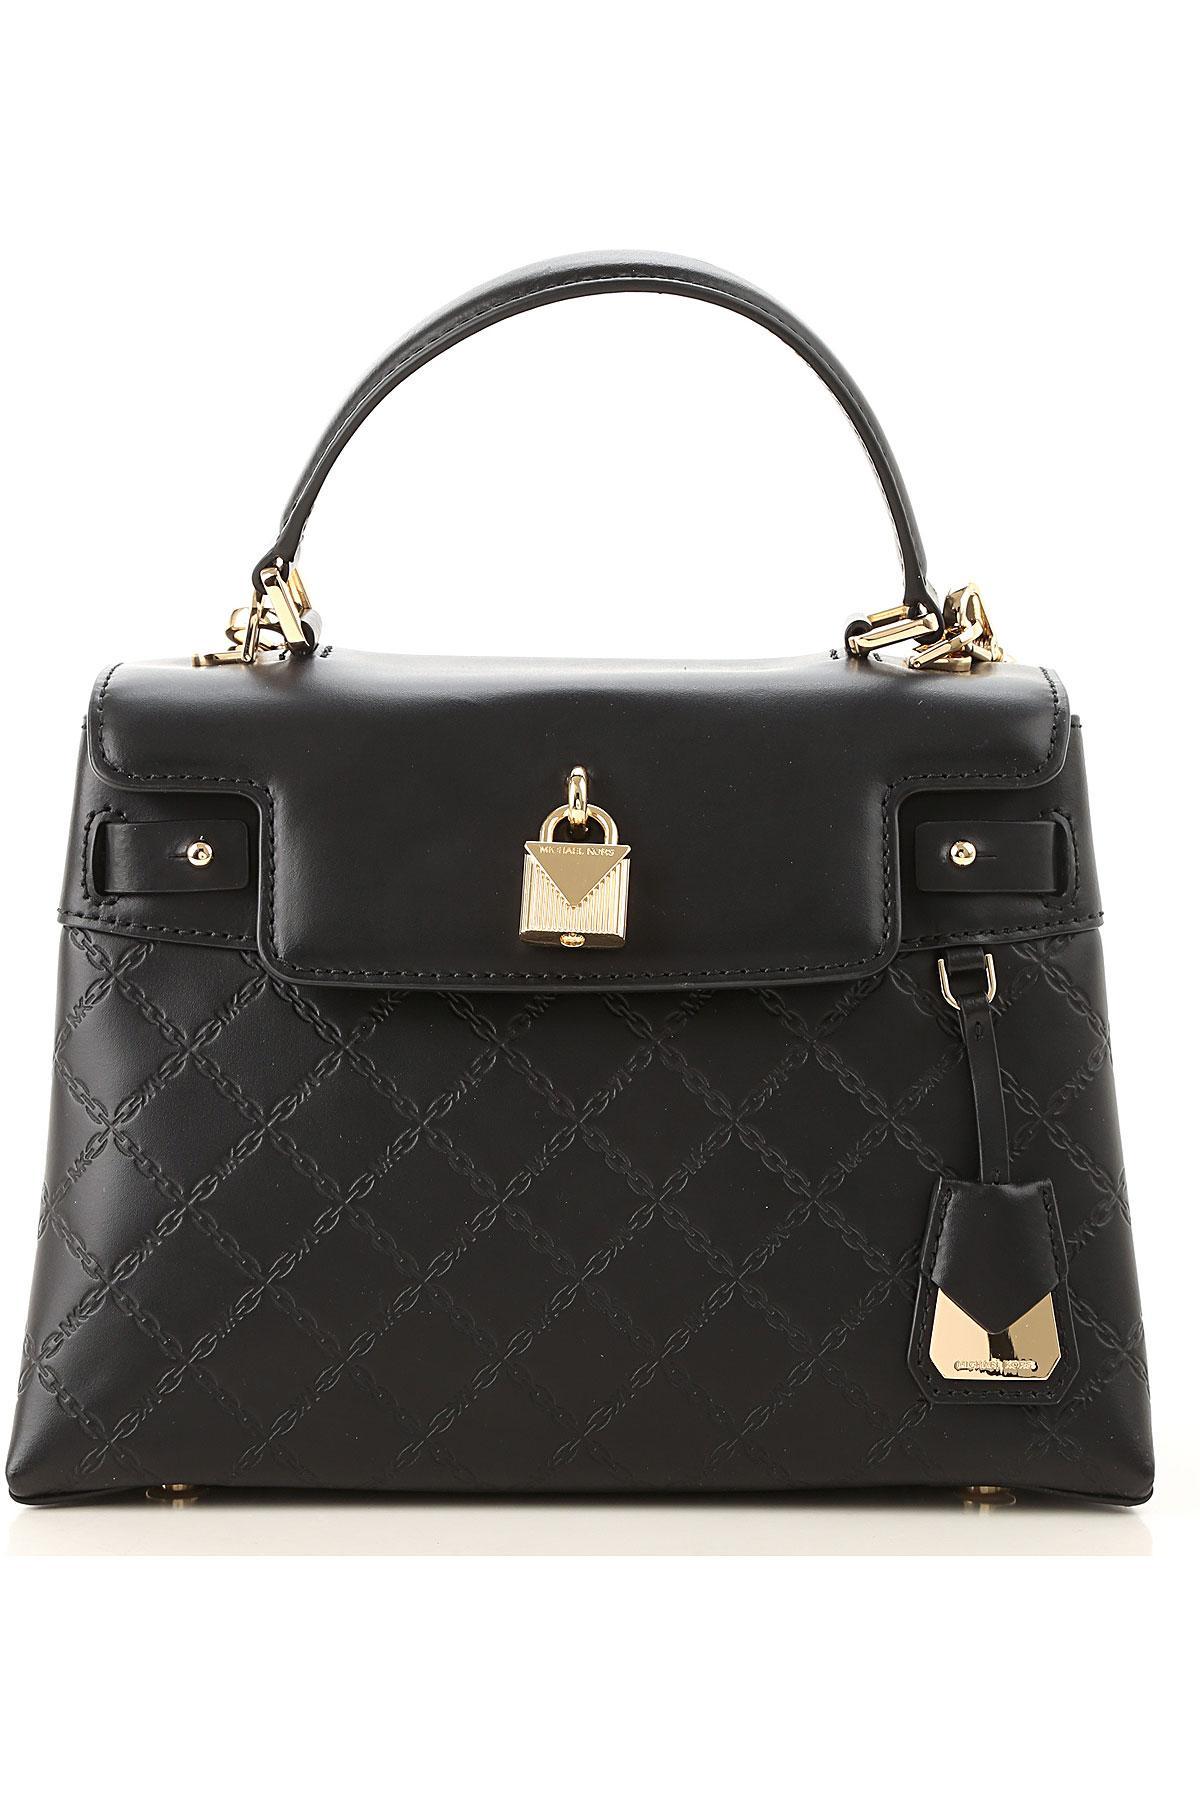 a71cd59d988a78 Lyst - Michael Kors Top Handle Handbag in Black